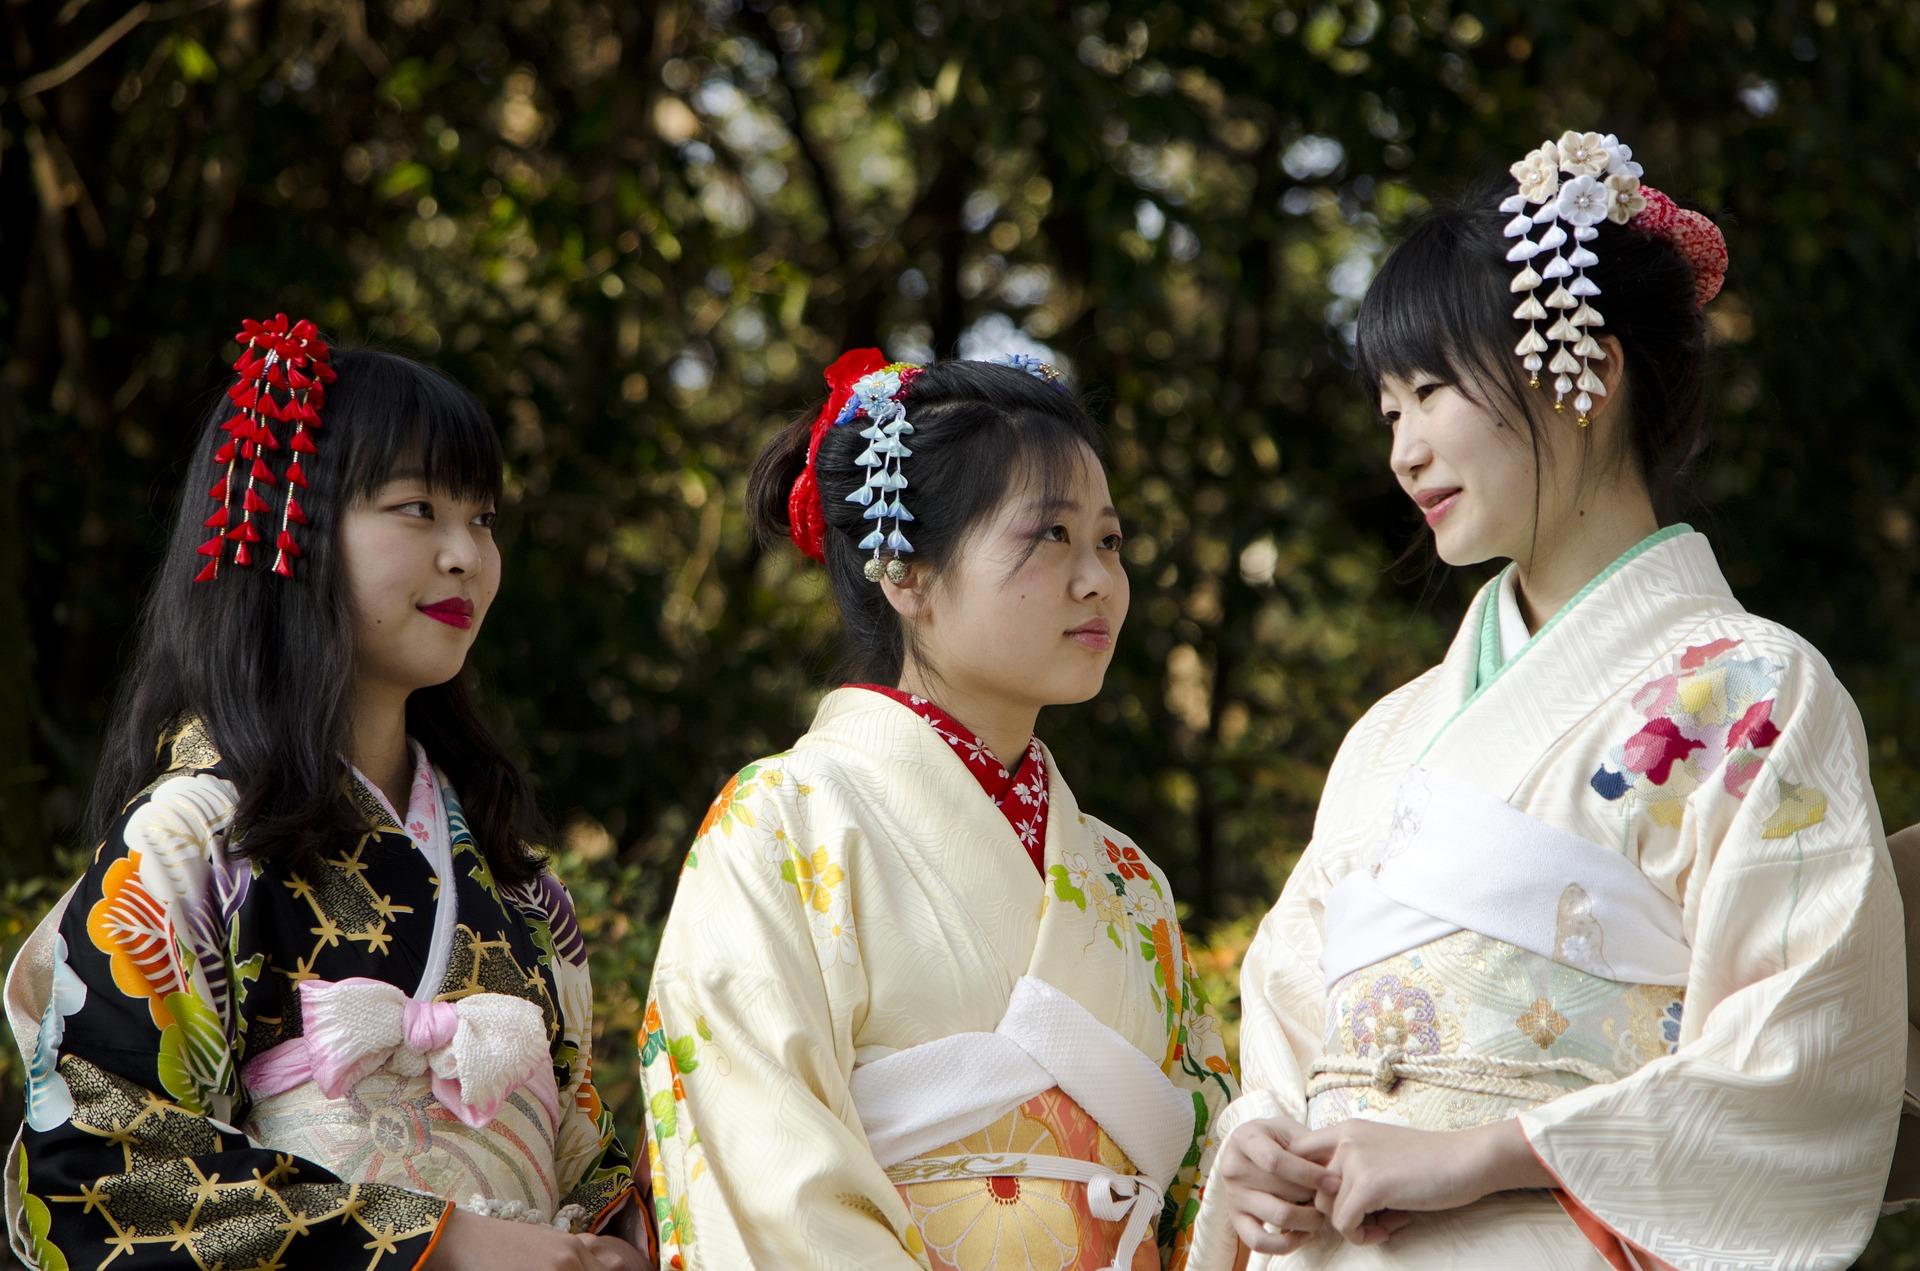 Drei Japanische Frauen in traditionellem Gewand